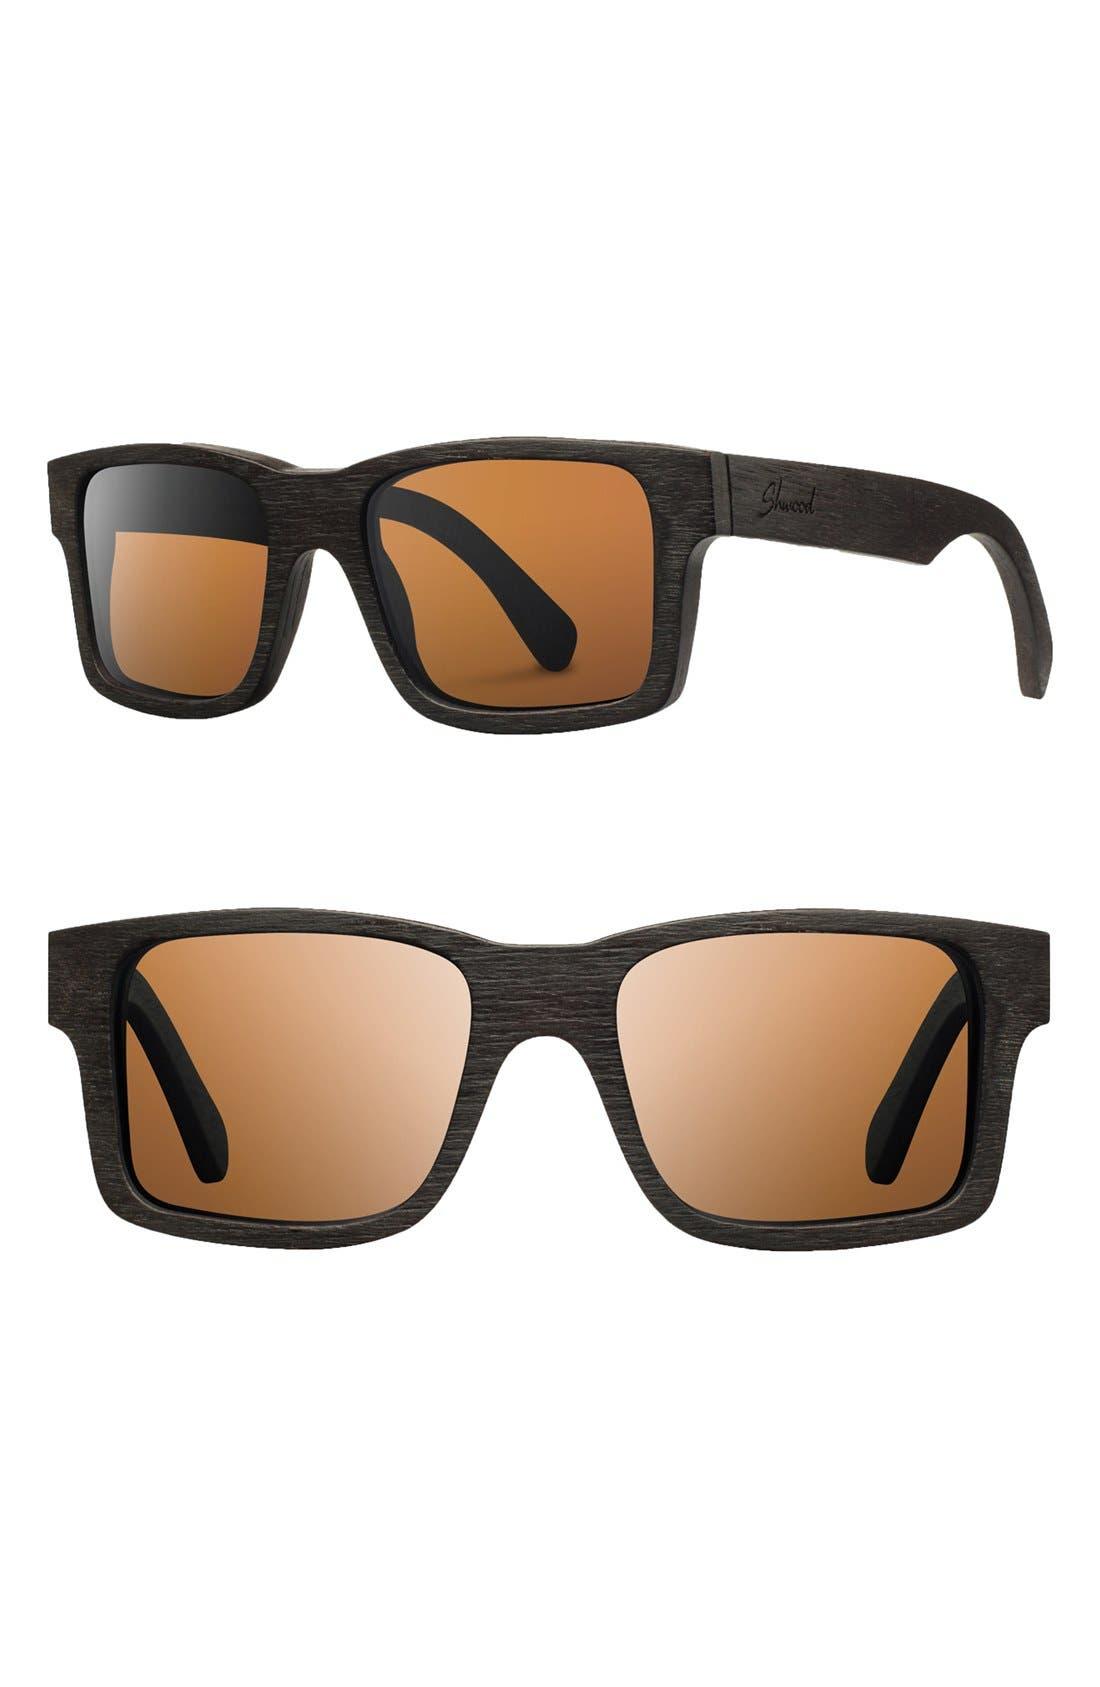 Main Image - Shwood 'Haystack' 53mm Polarized Wood Sunglasses